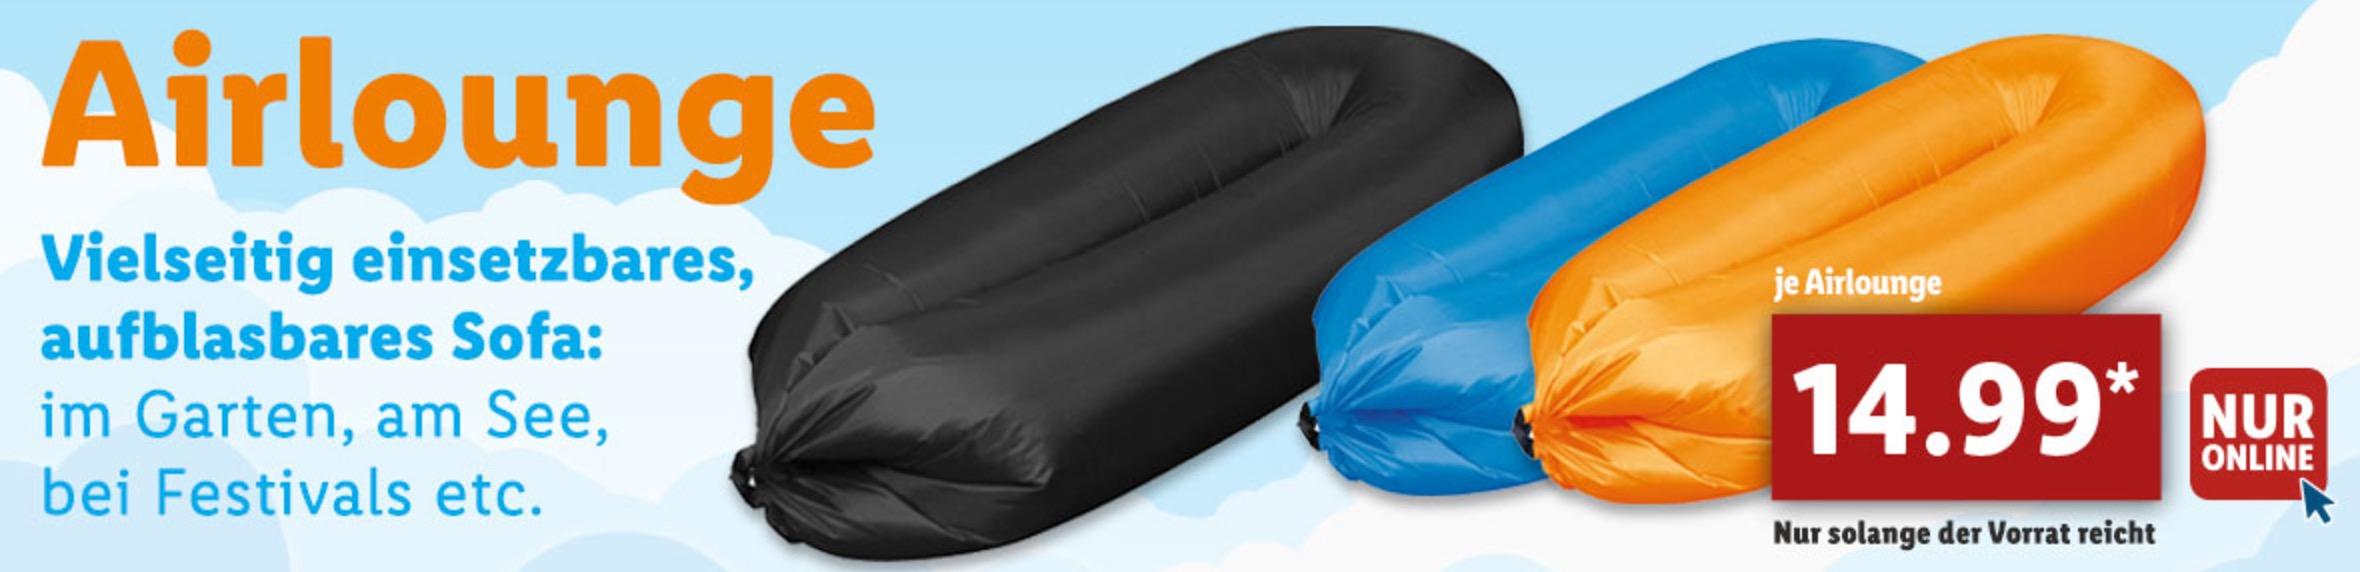 airlounge luftsofa f r nur 14 99 euro im lidl onlineshop. Black Bedroom Furniture Sets. Home Design Ideas